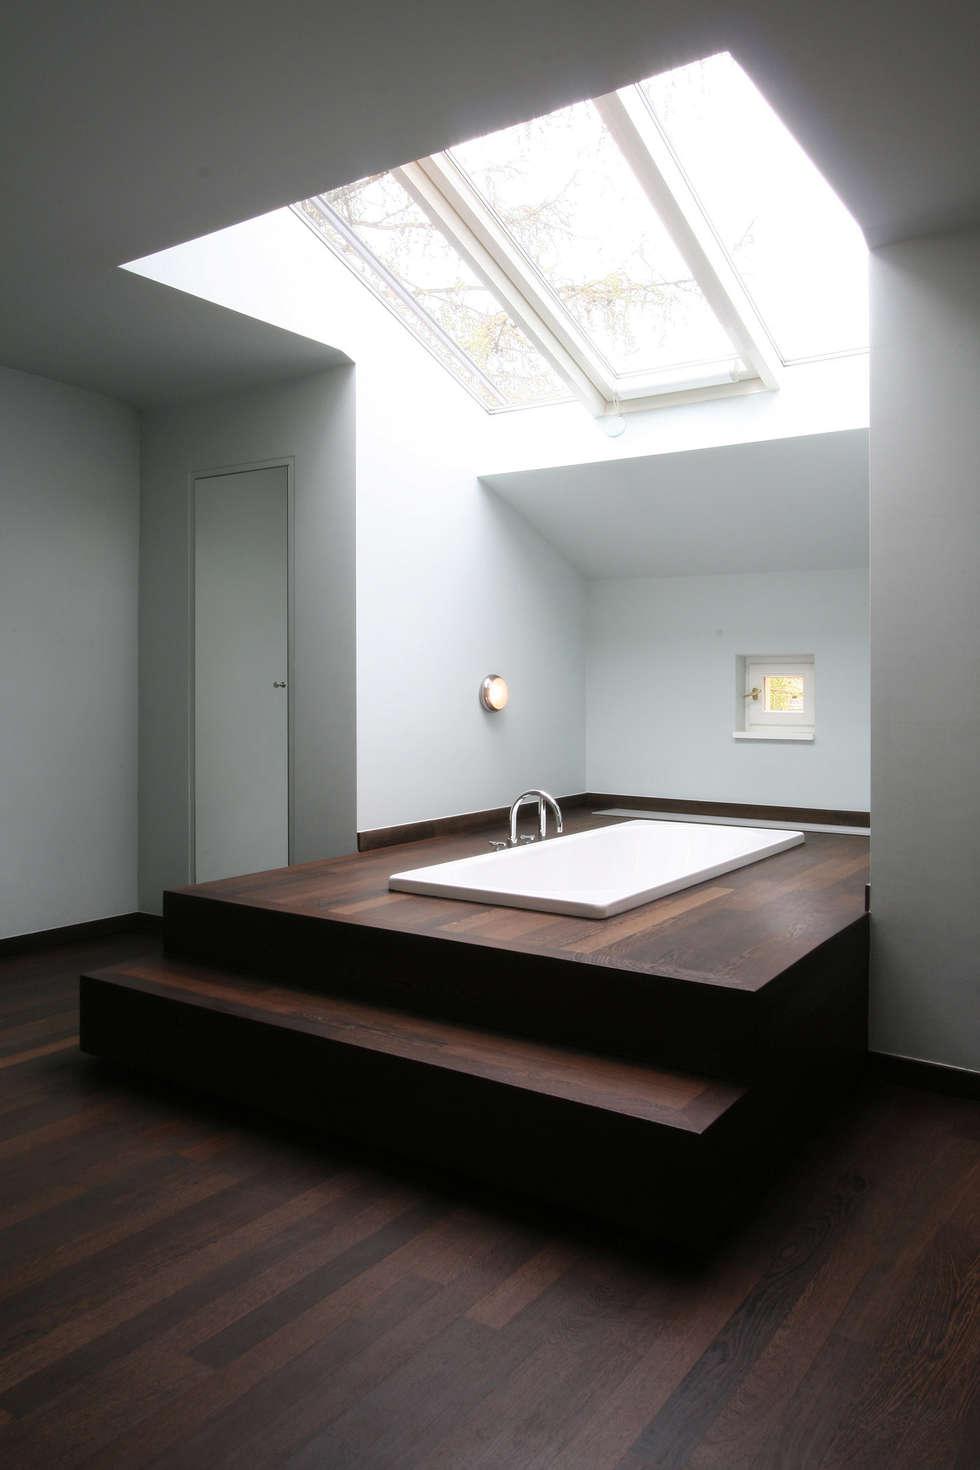 klassische badezimmer bilder: unter dem dach befindet sich eine